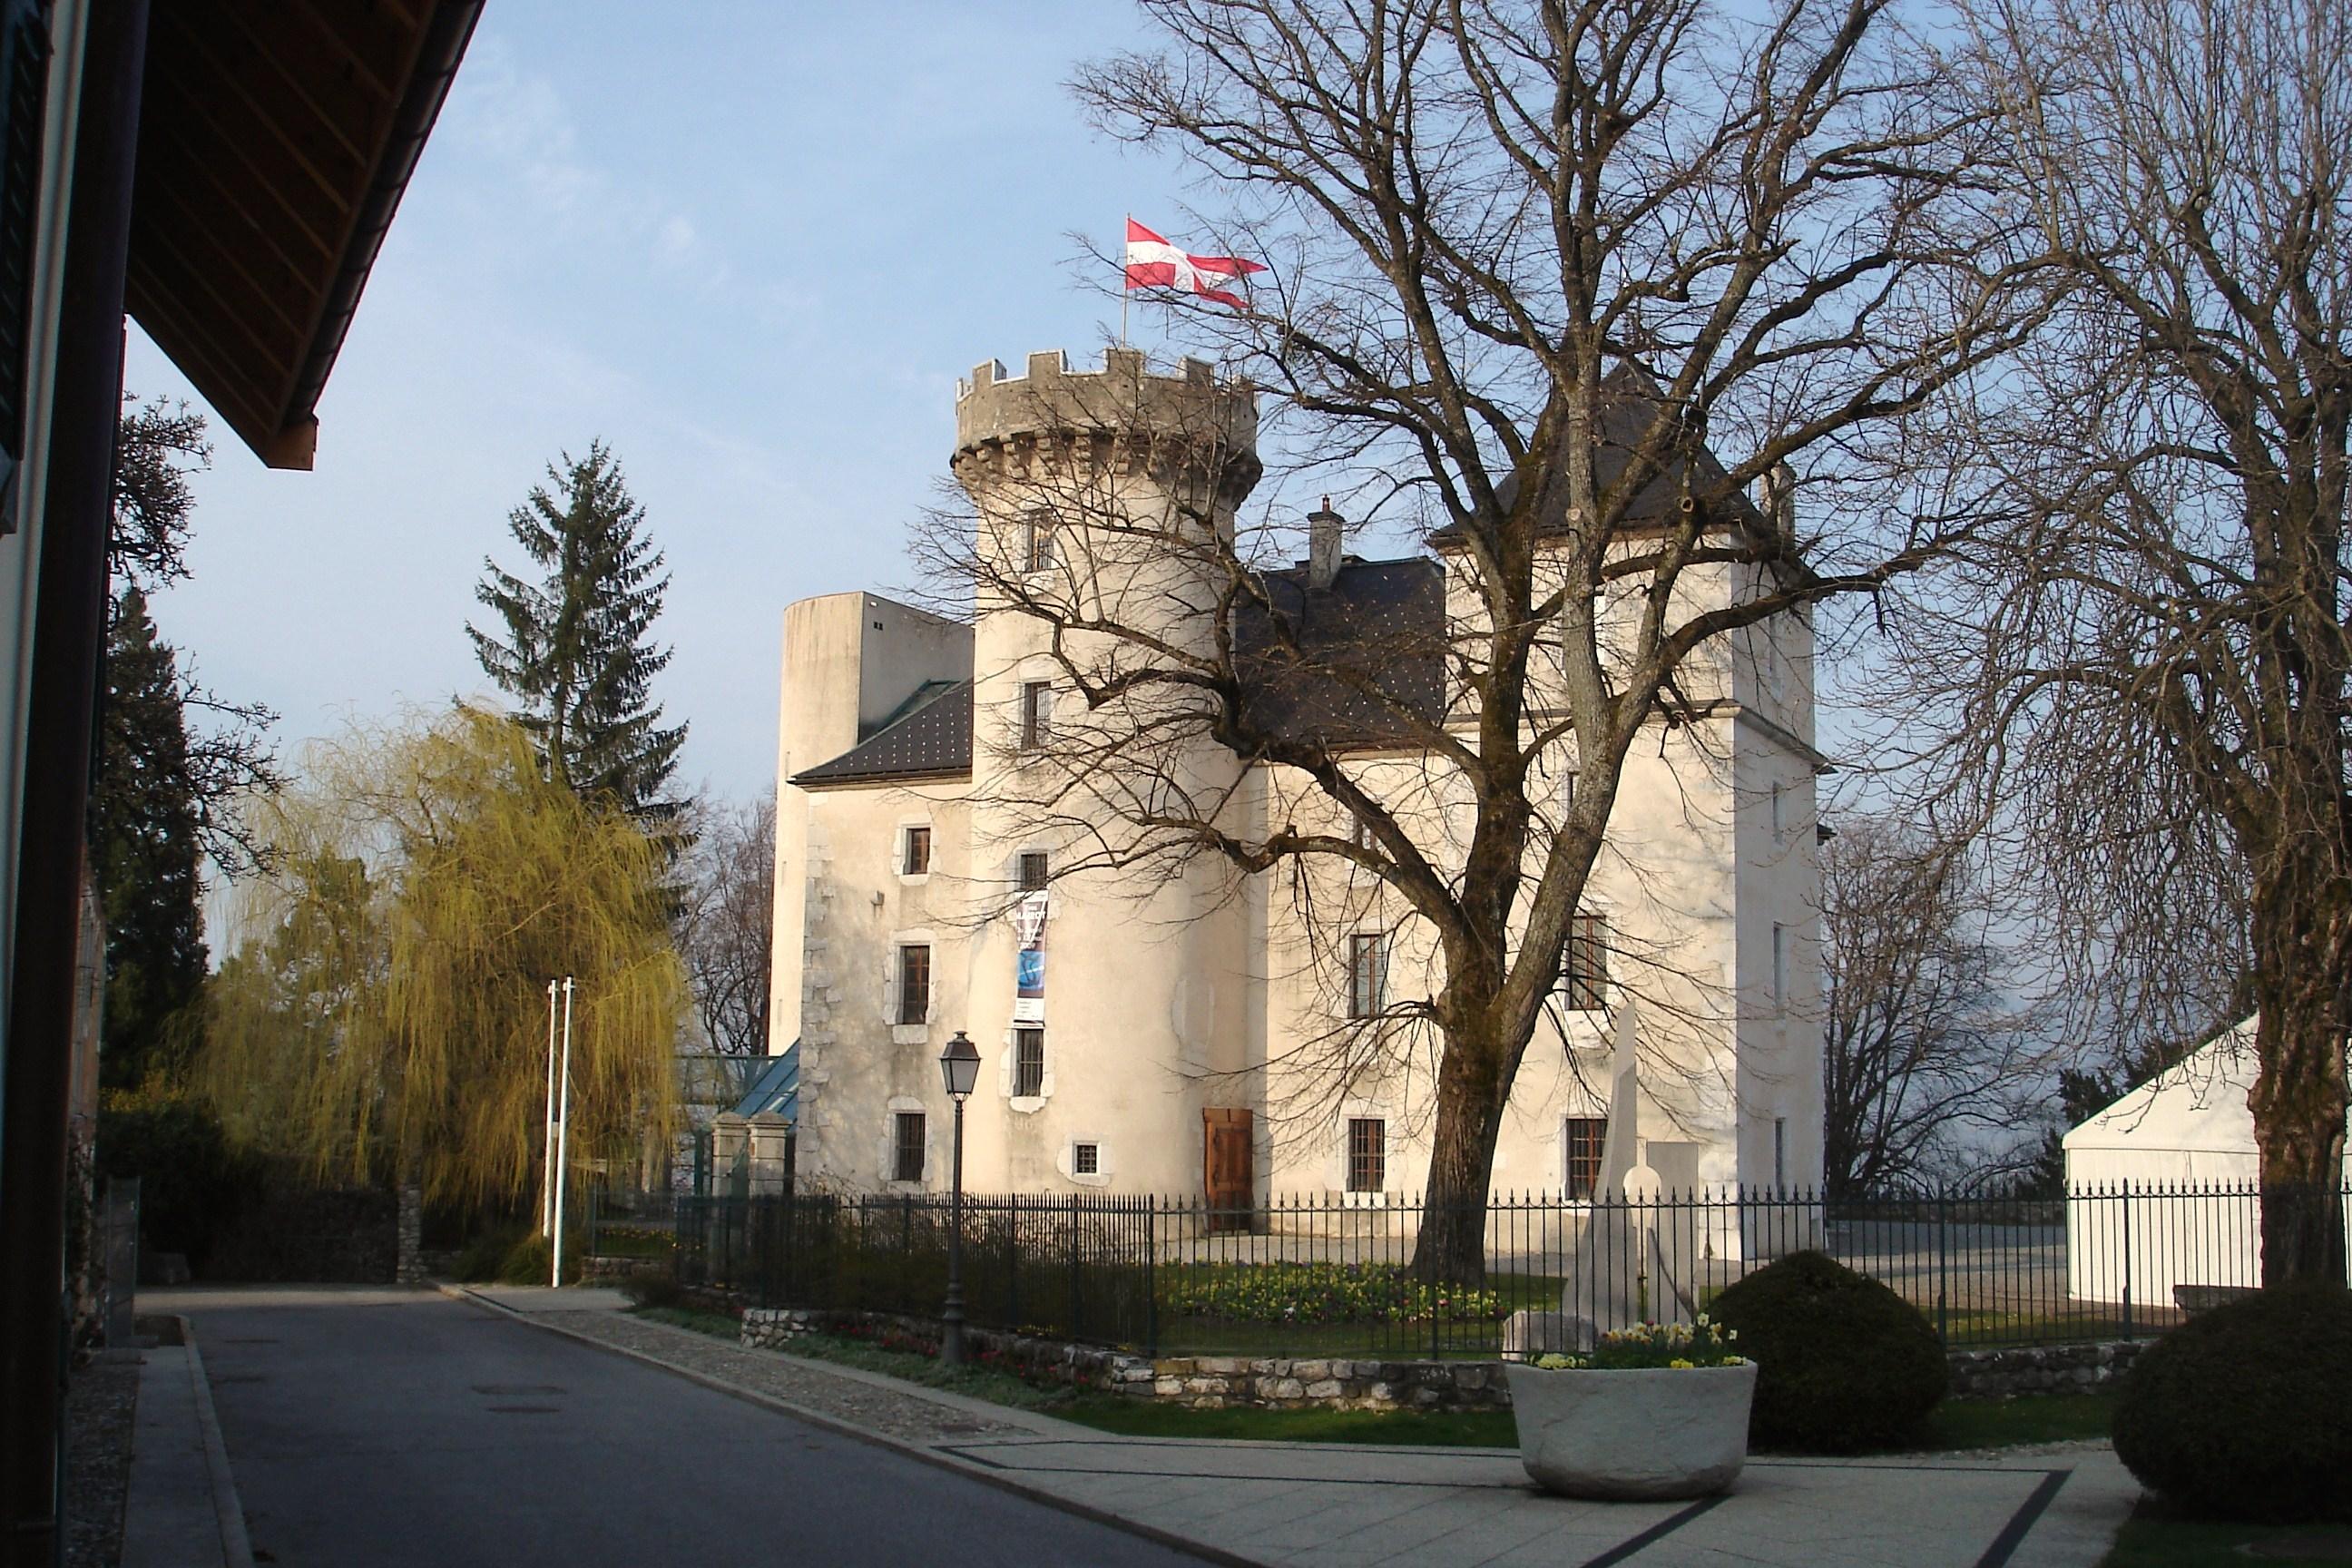 La roche sur foron - Office du tourisme la roche sur foron ...